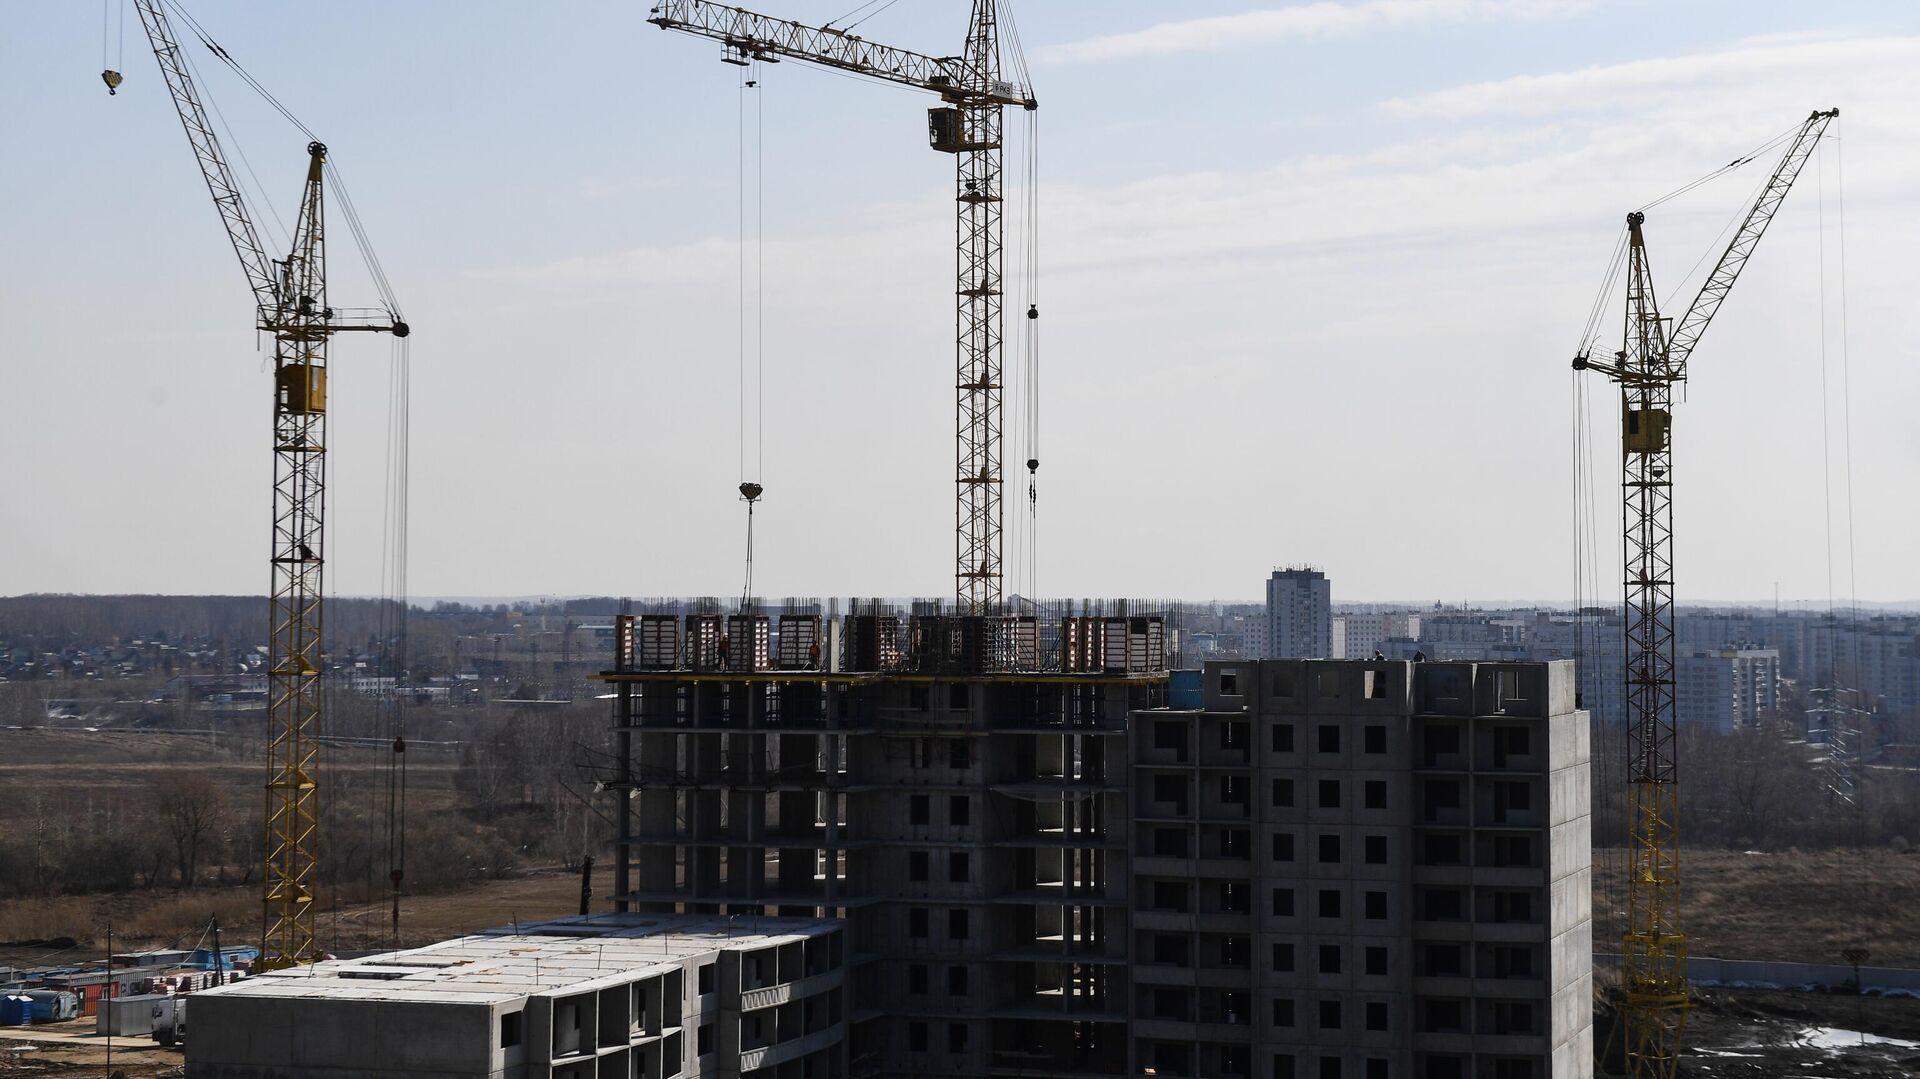 Строительство жилья - РИА Новости, 1920, 23.04.2021